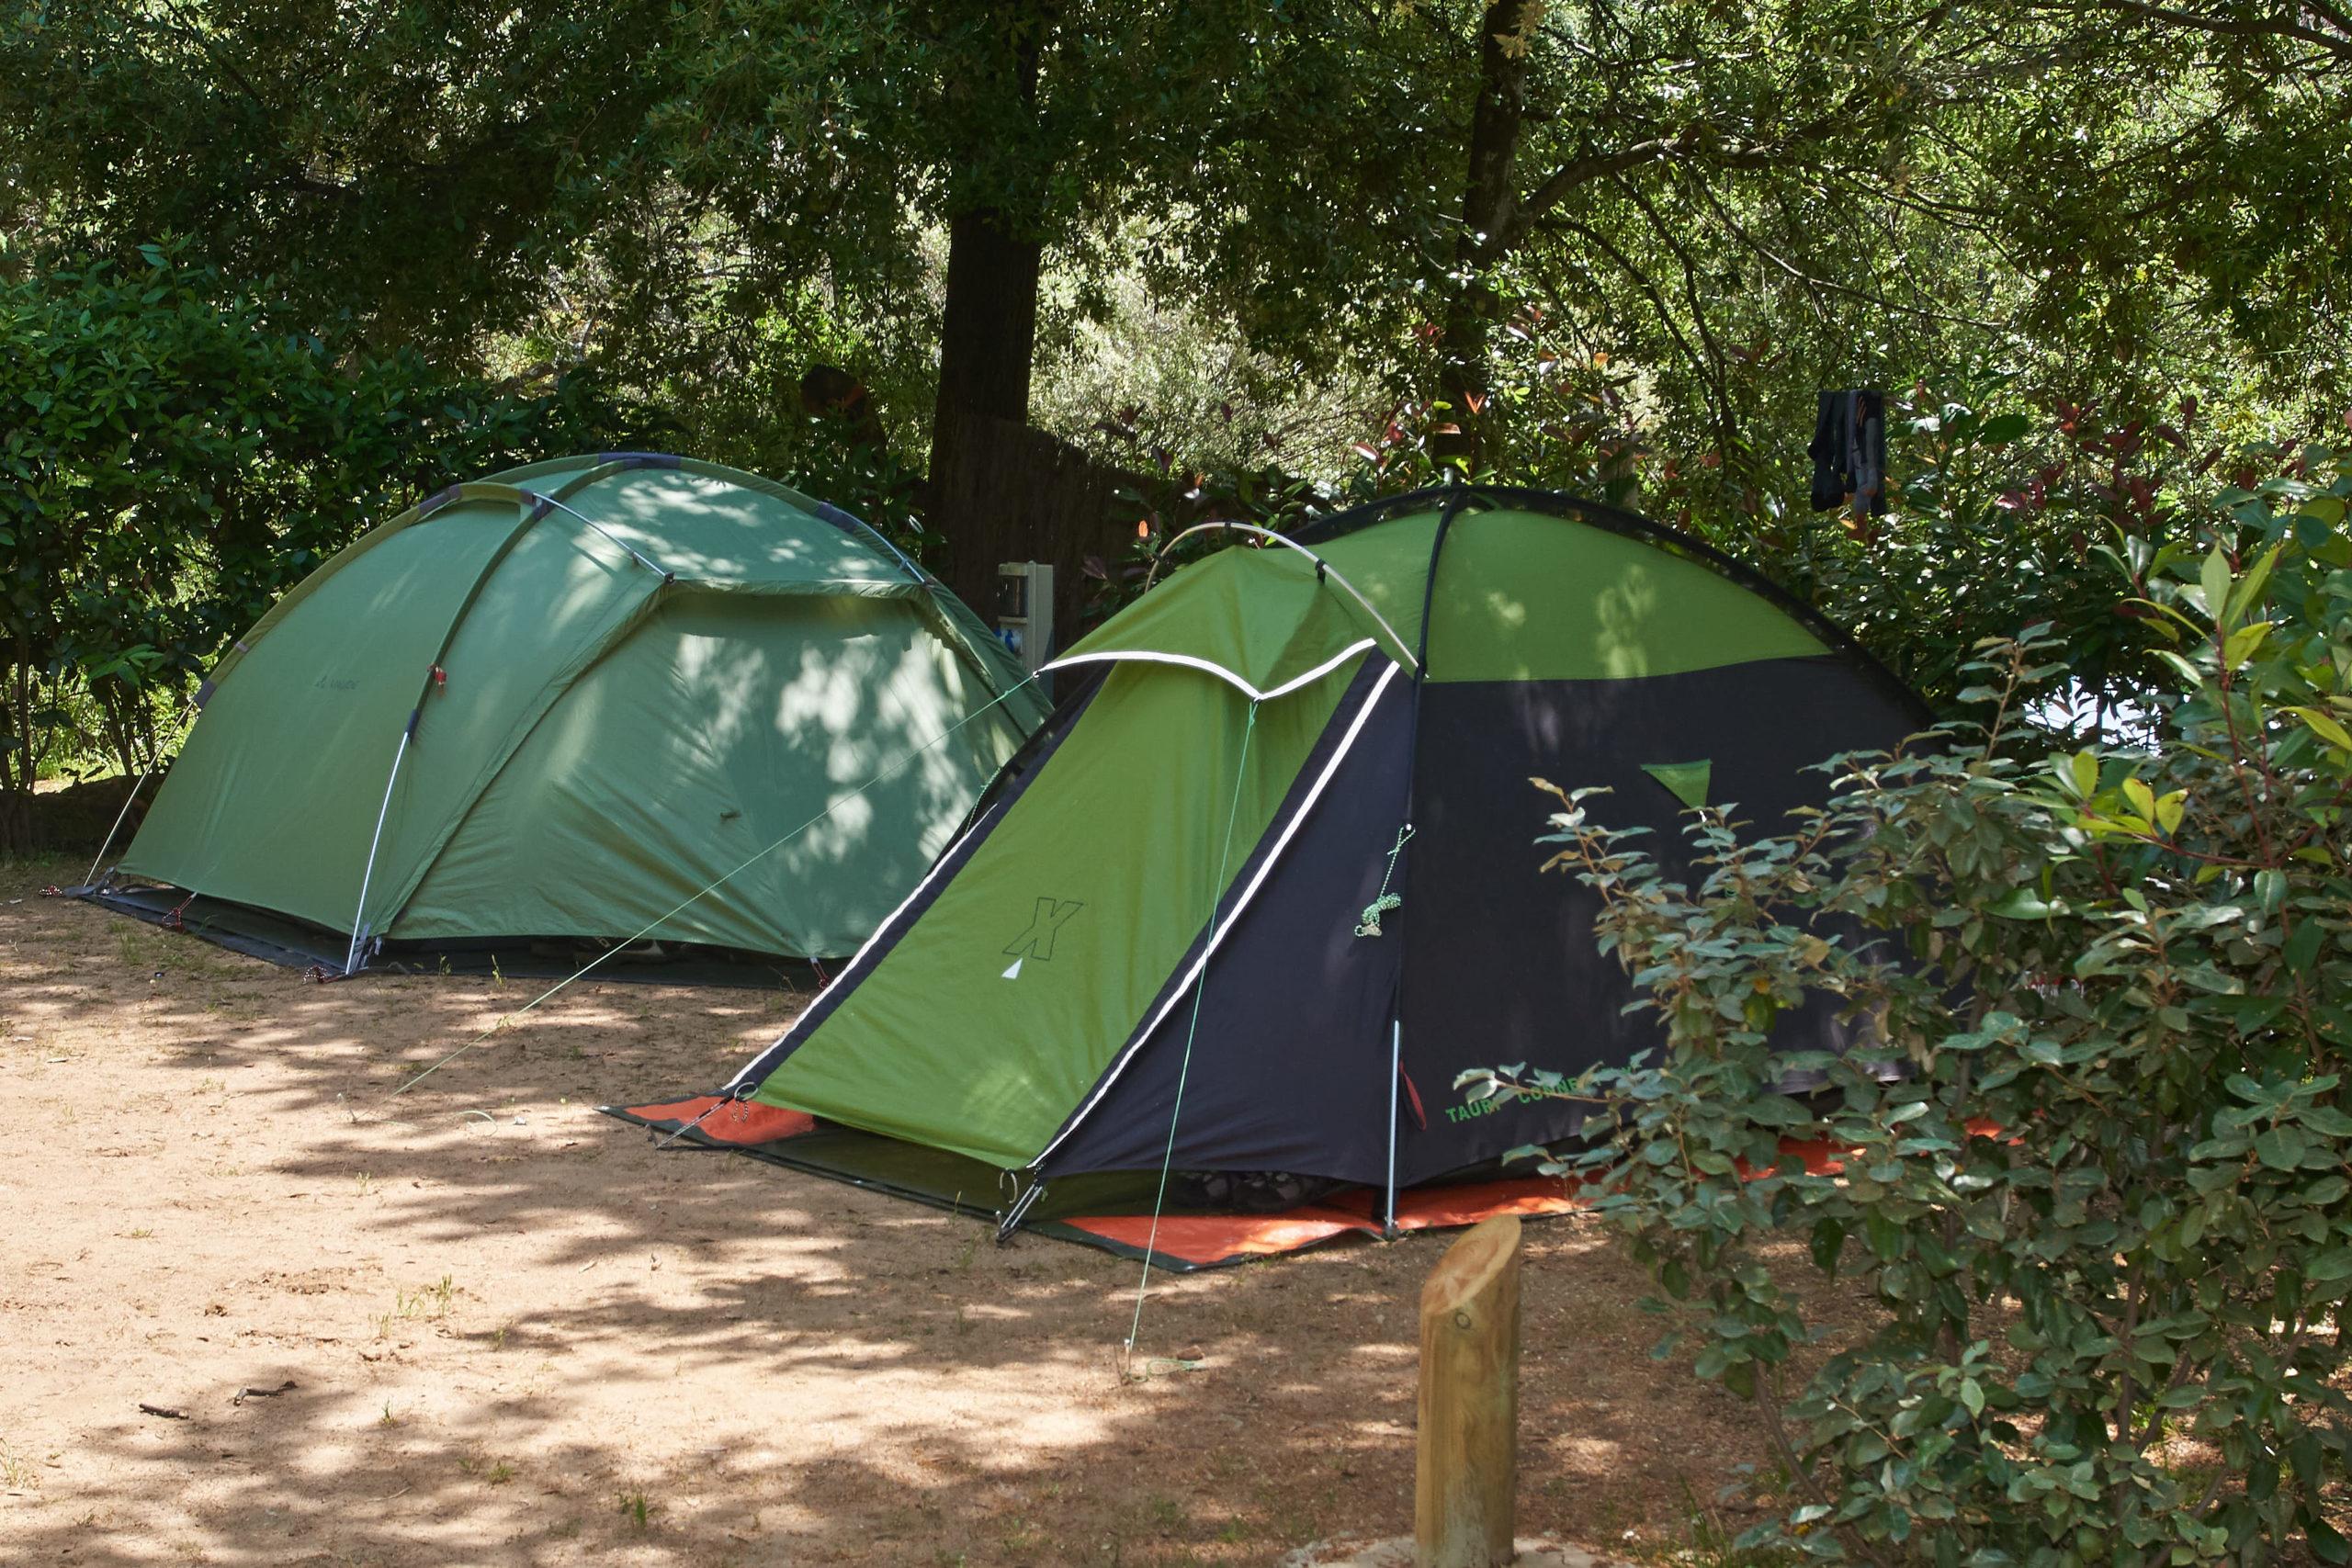 Camping en Corse : la meilleure option pour des vacances inoubliables dans la Méditerranée